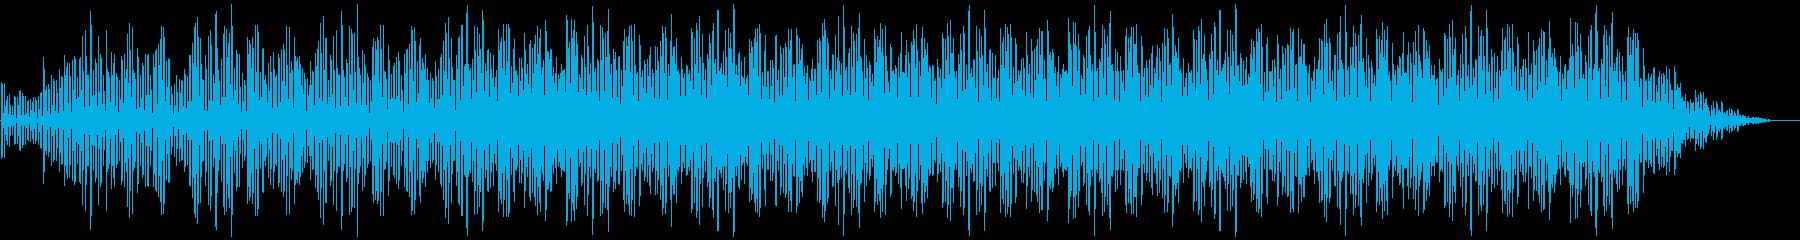 ミニマルなピアノBGM(ストリングス有)の再生済みの波形